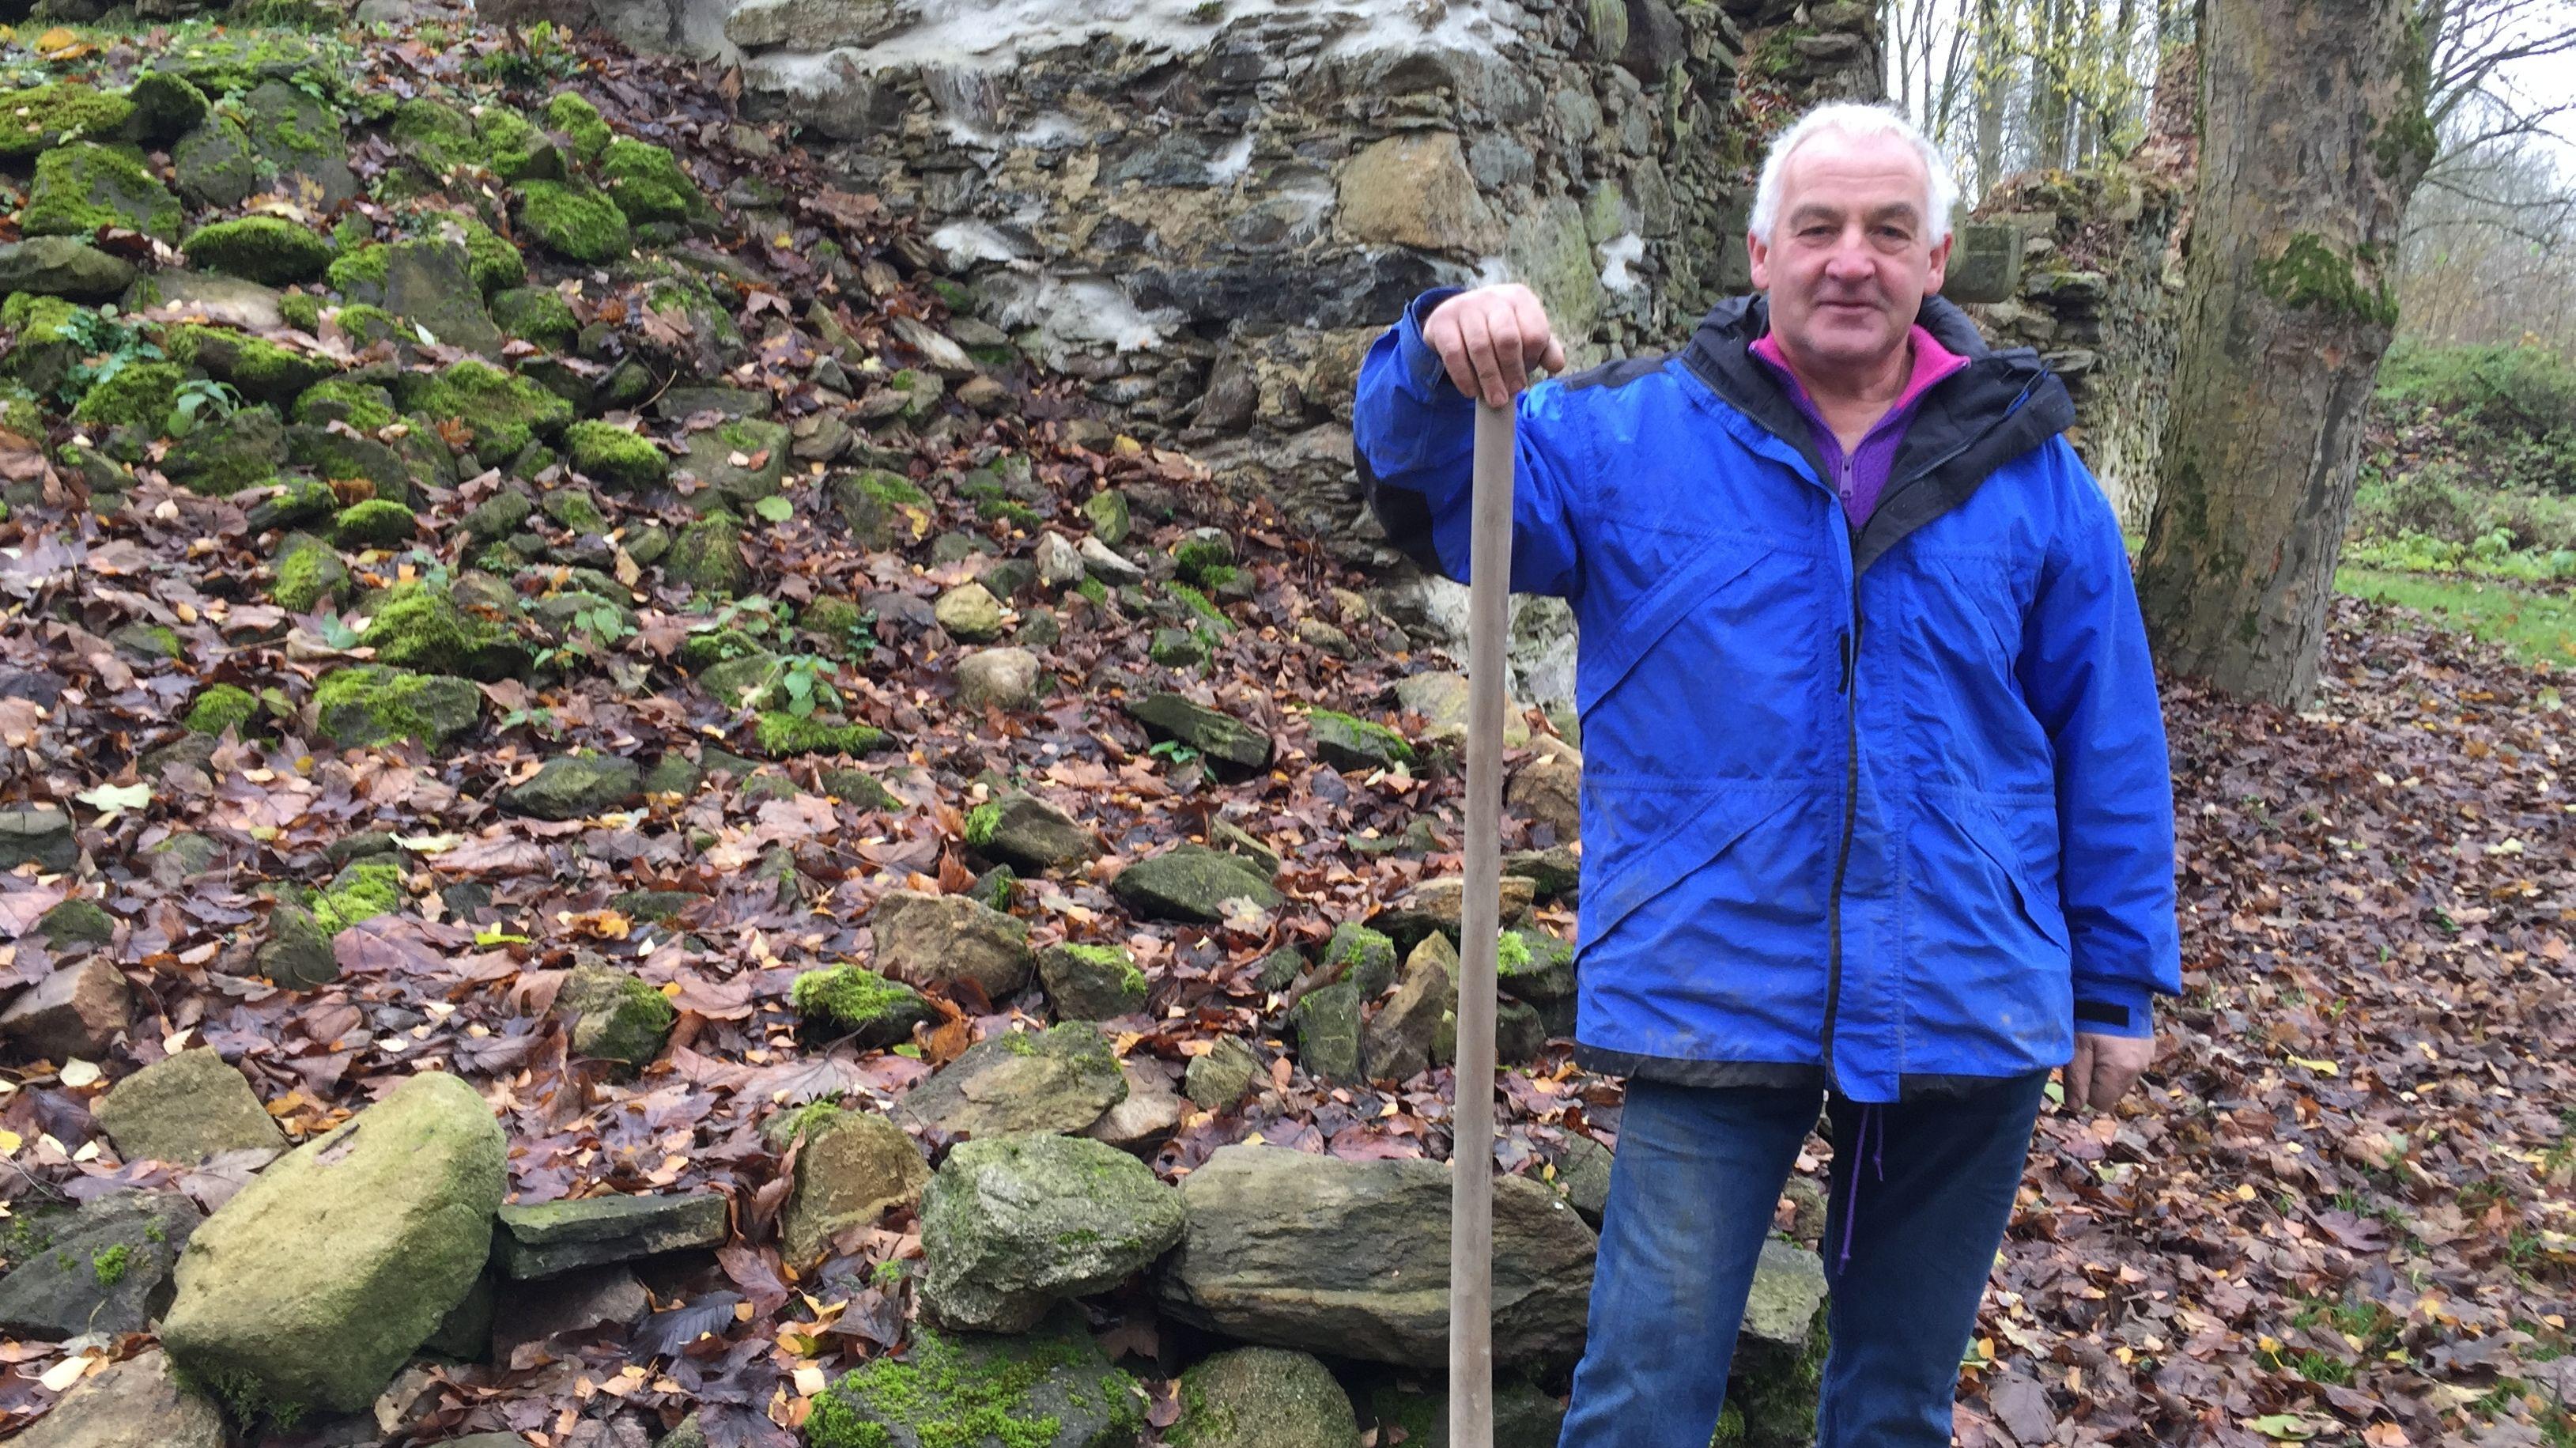 Helmut Roith gräbt seit Jahren ehrenamtlich jedes Wochenende in Grafenried.